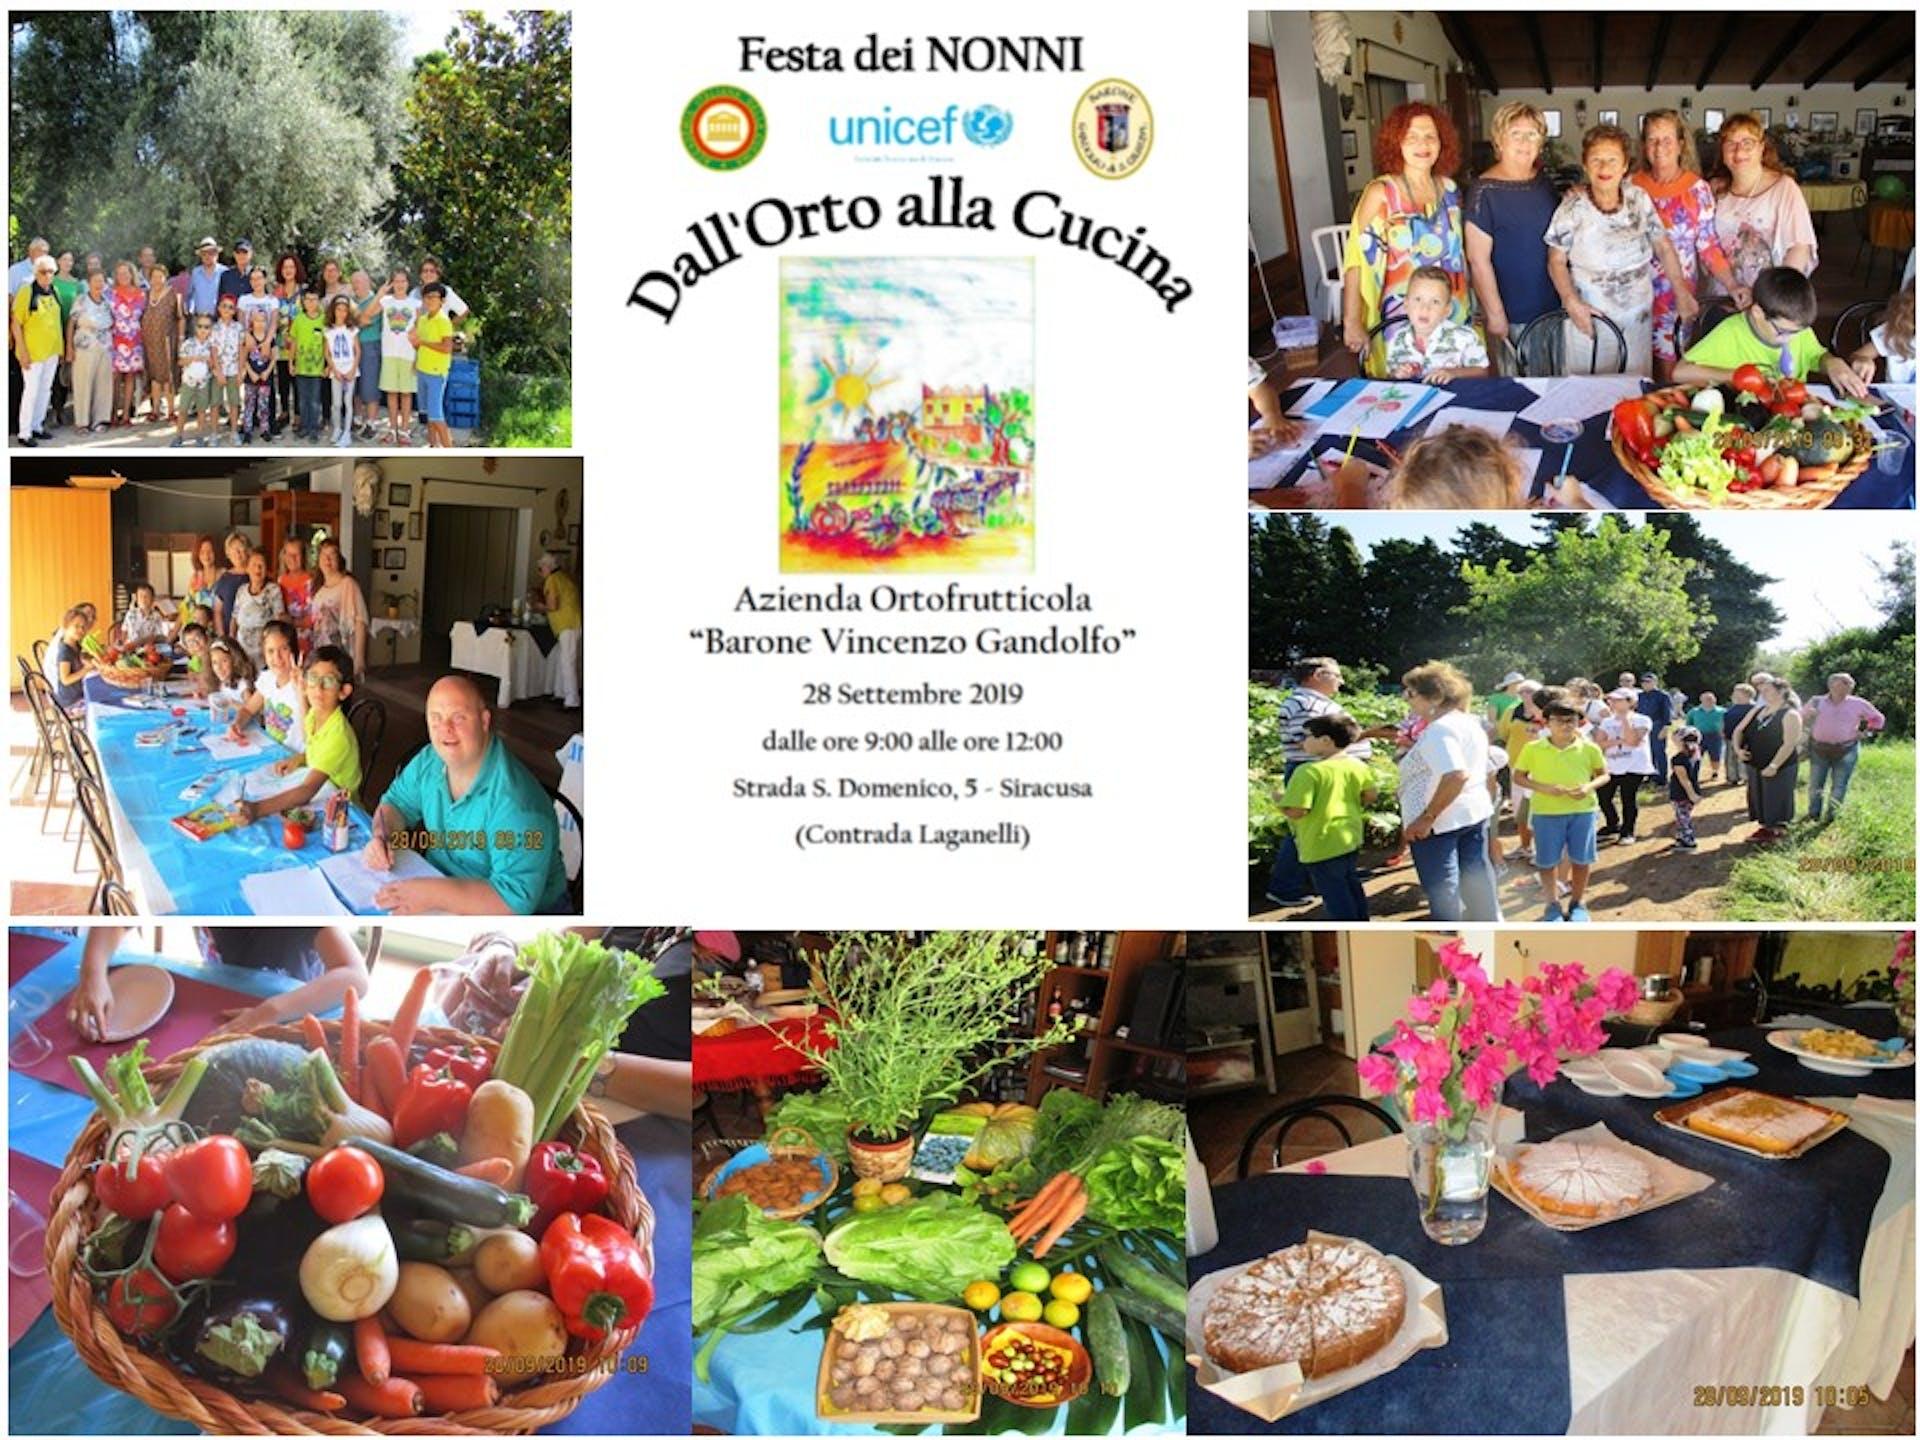 A Siracusa la Festa UNICEF dei Nonni e Bambini 2019 si è svolta con l'Accademia Italiana della Cucina